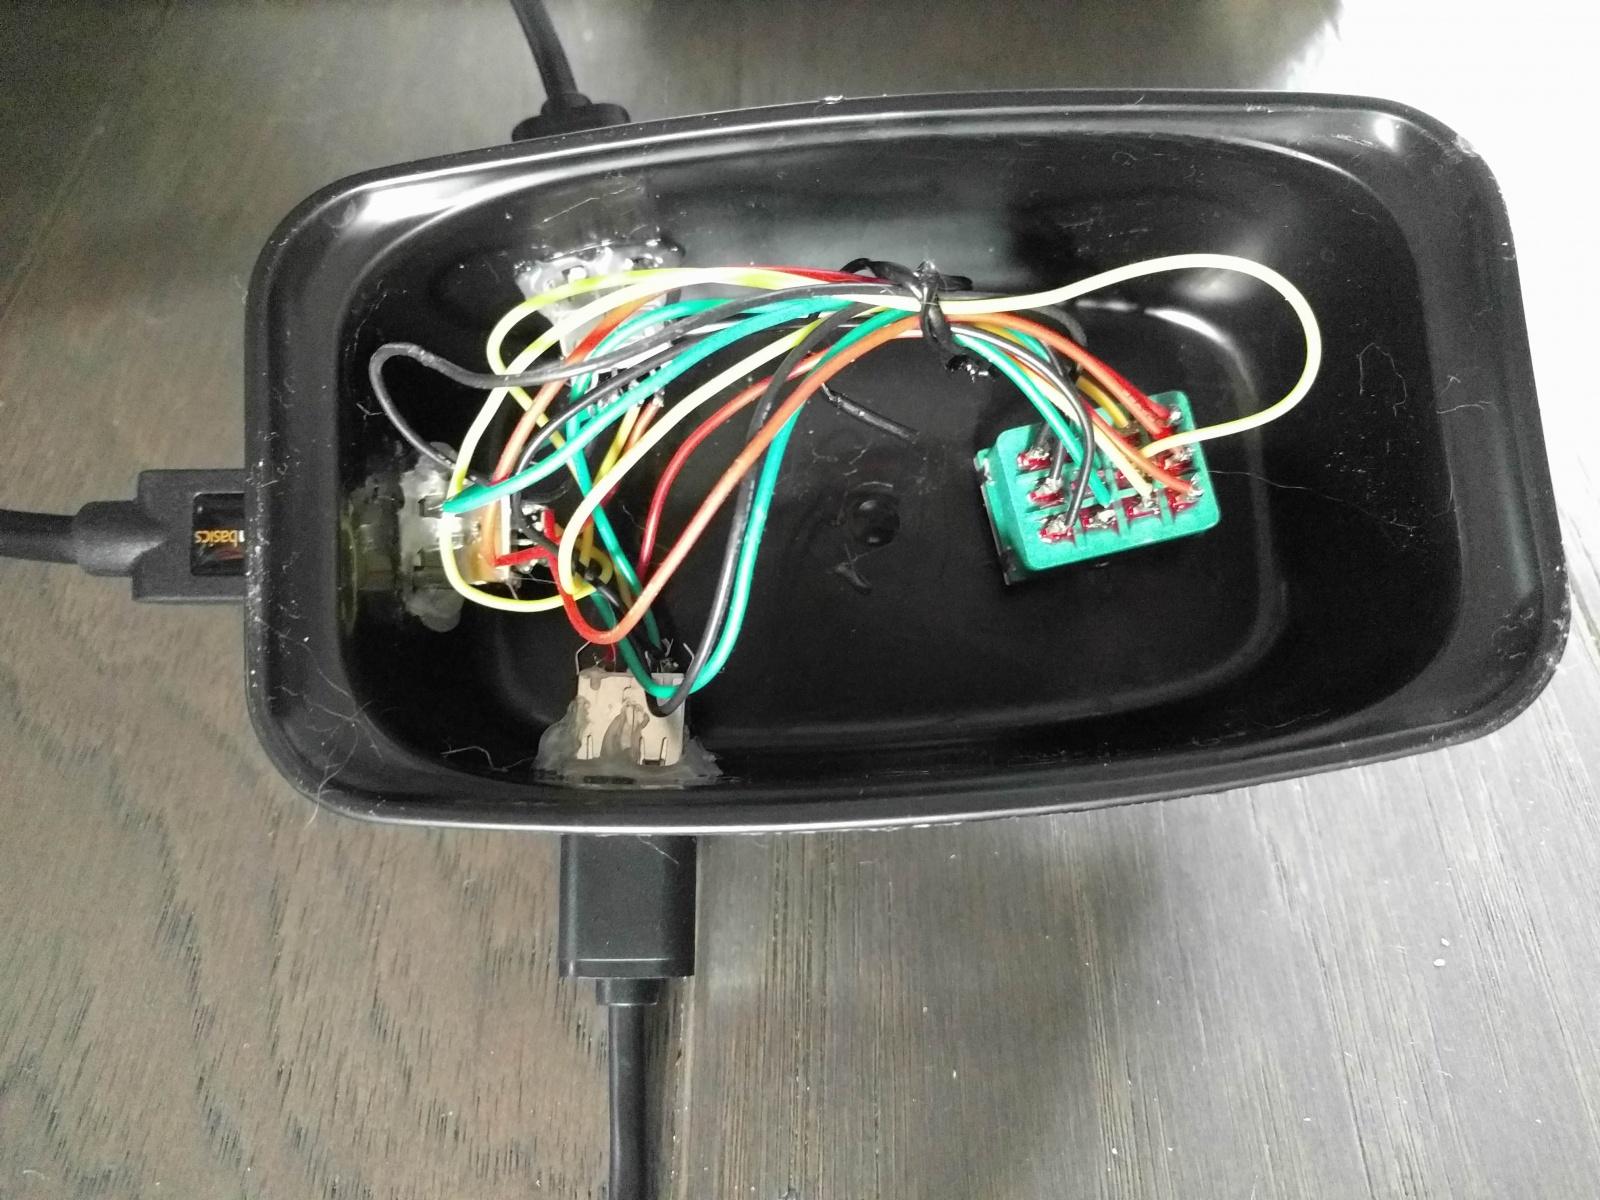 USB-педаль для переключения между компьютерами - 9